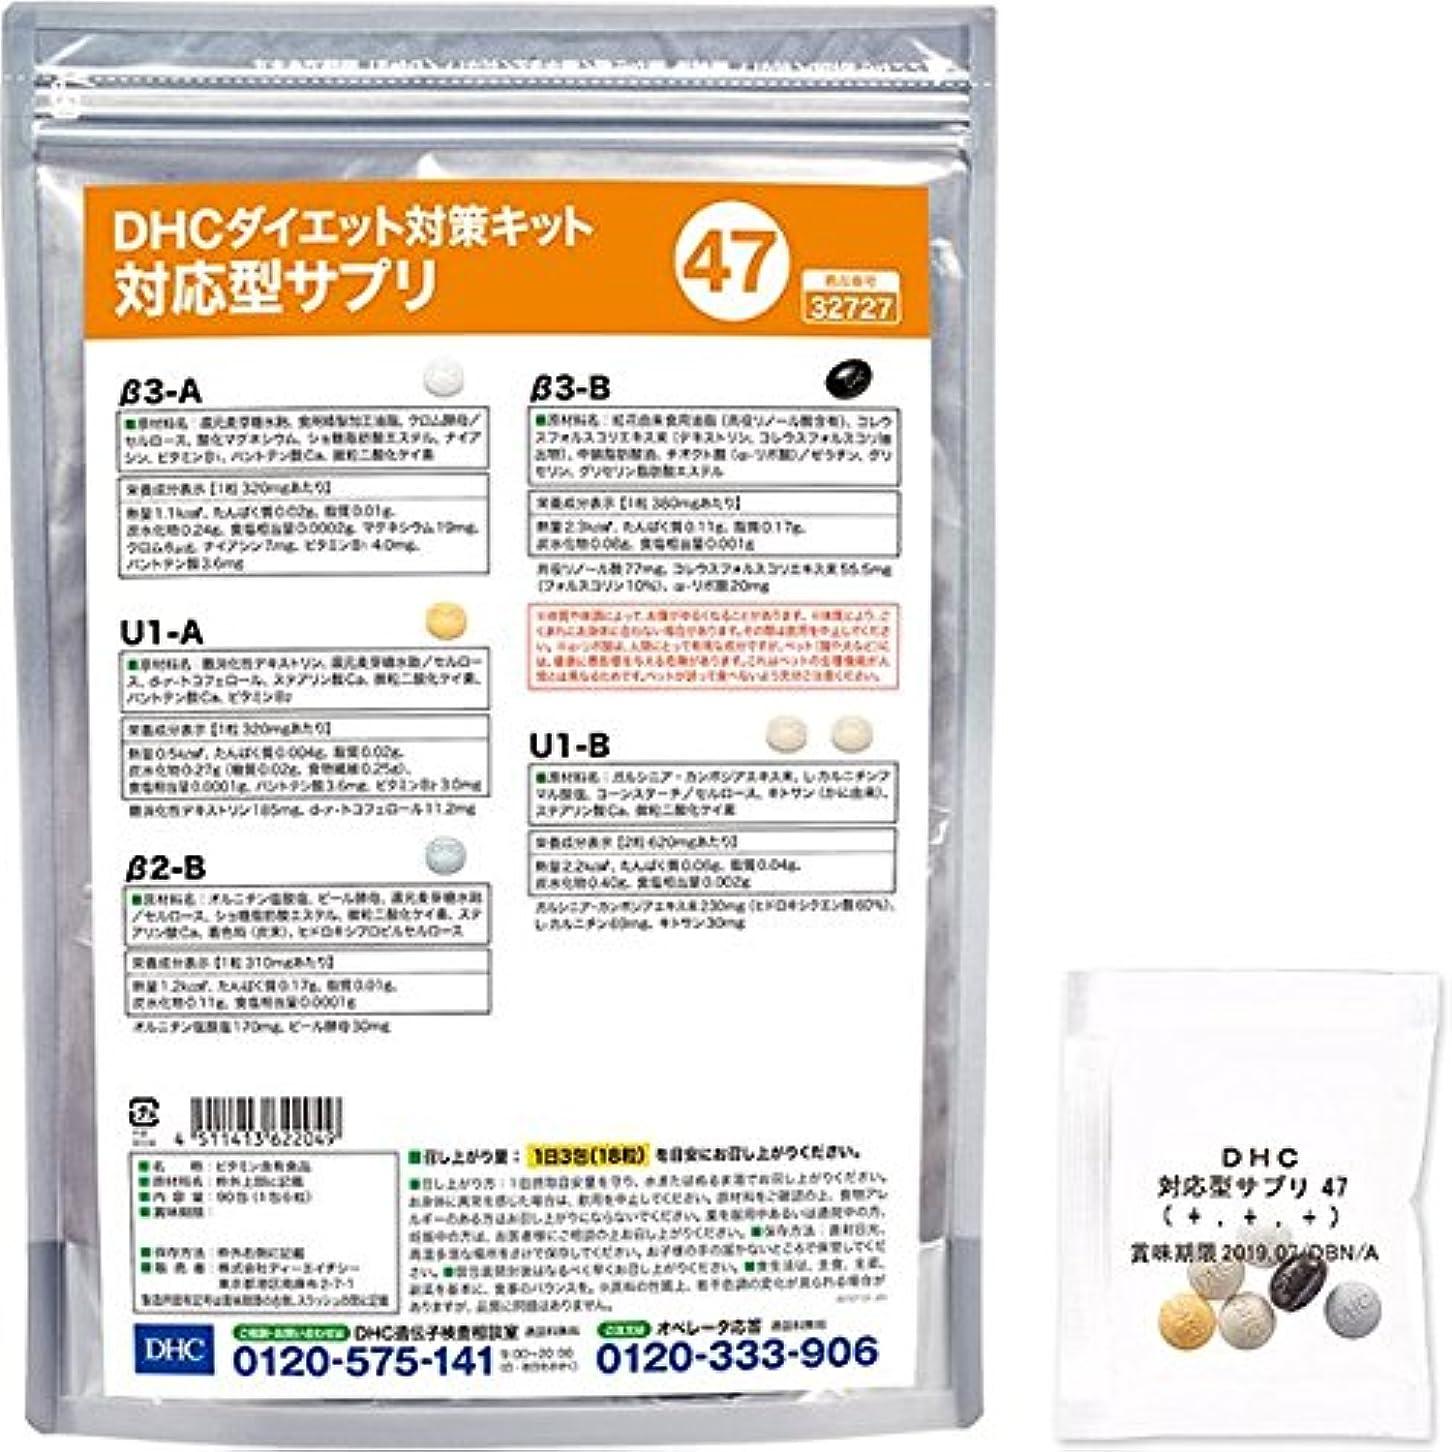 熟すあえぎ離れたDHCダイエット対策キット対応型サプリ47